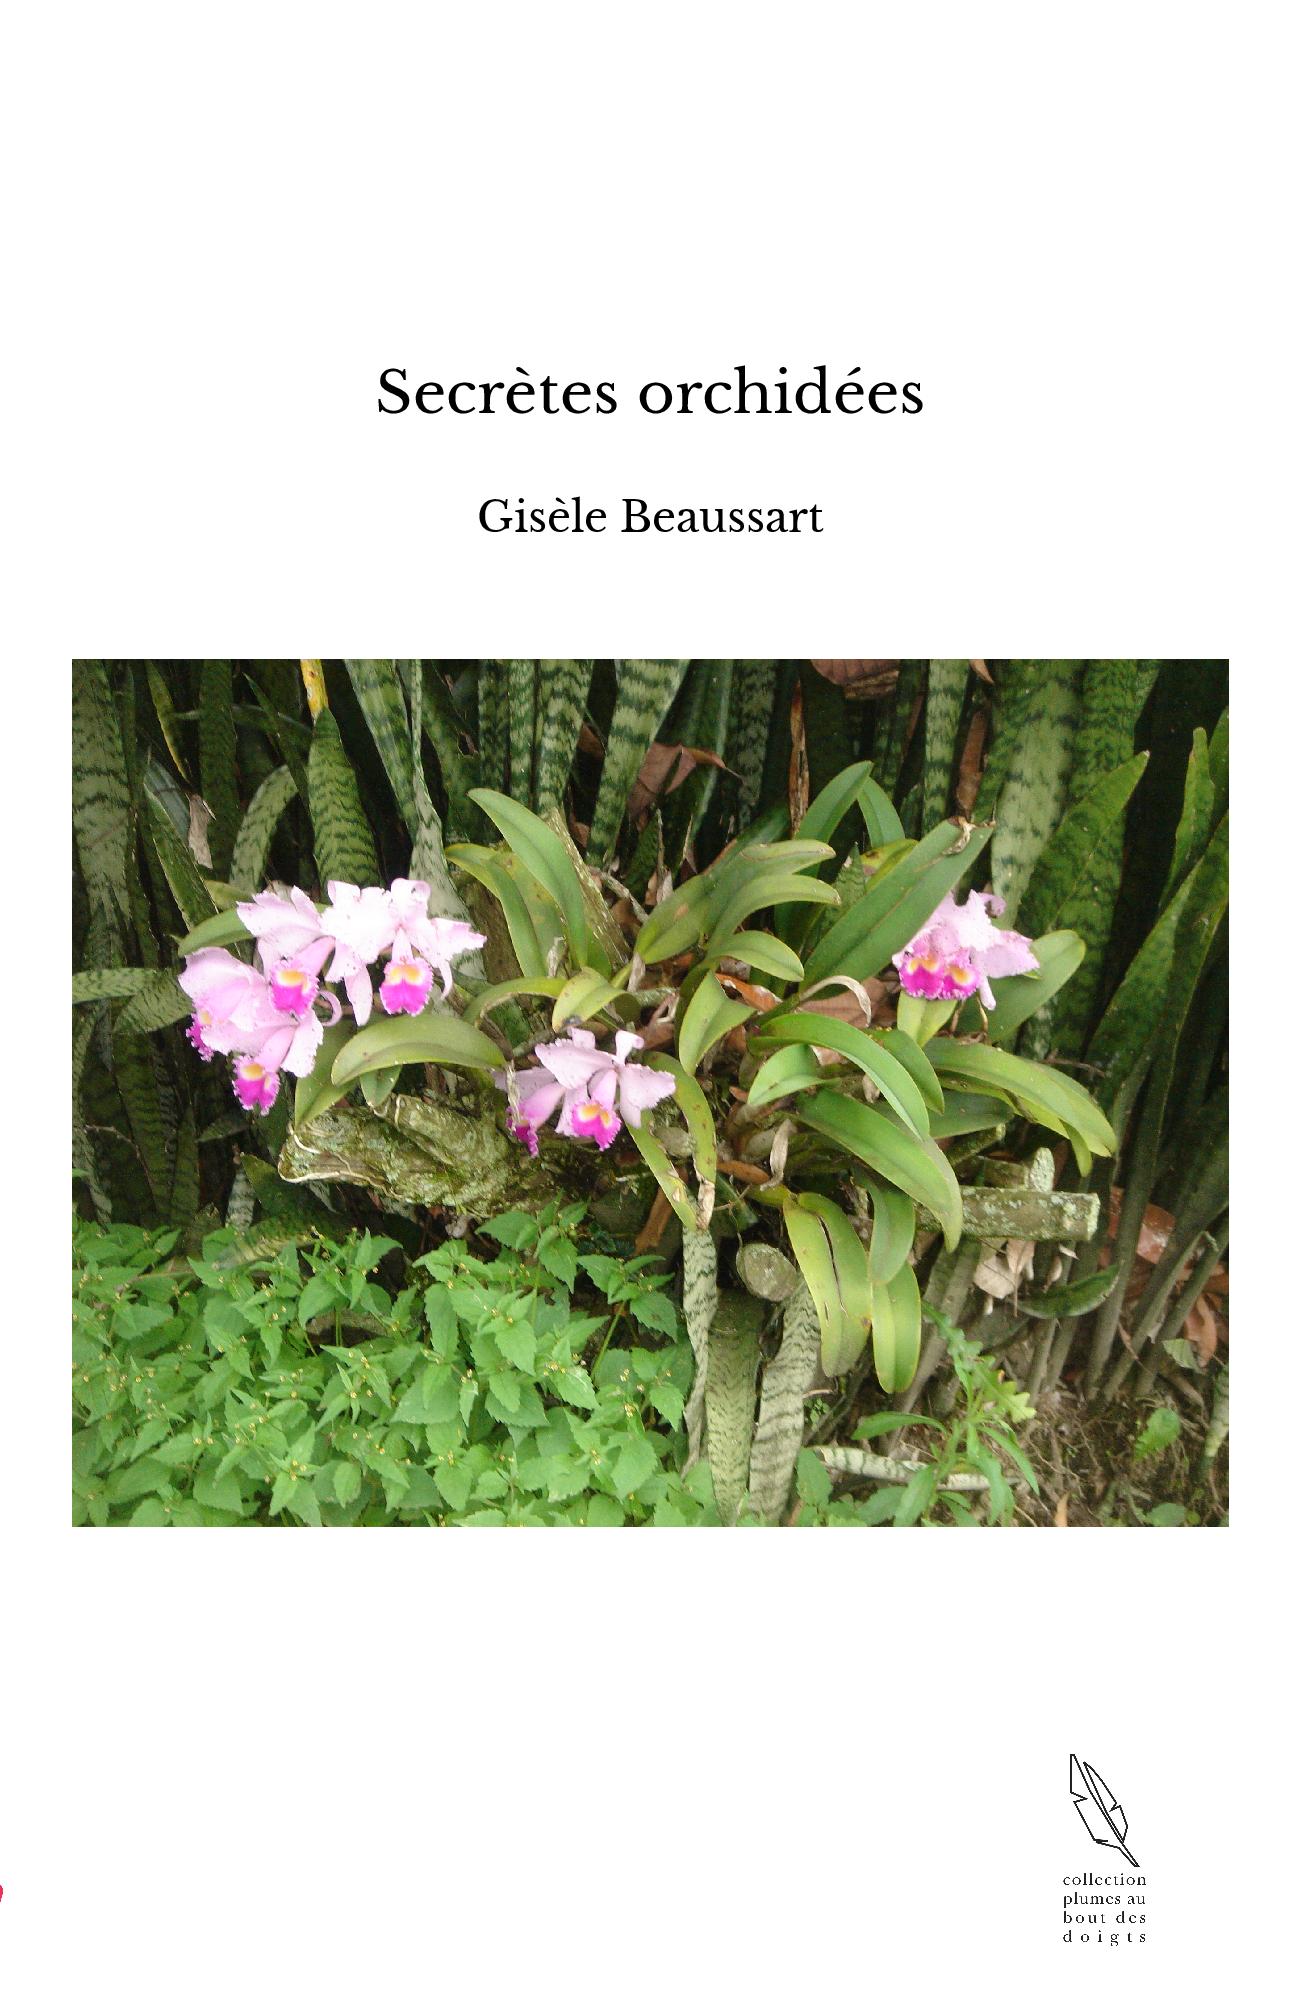 Secrètes orchidées